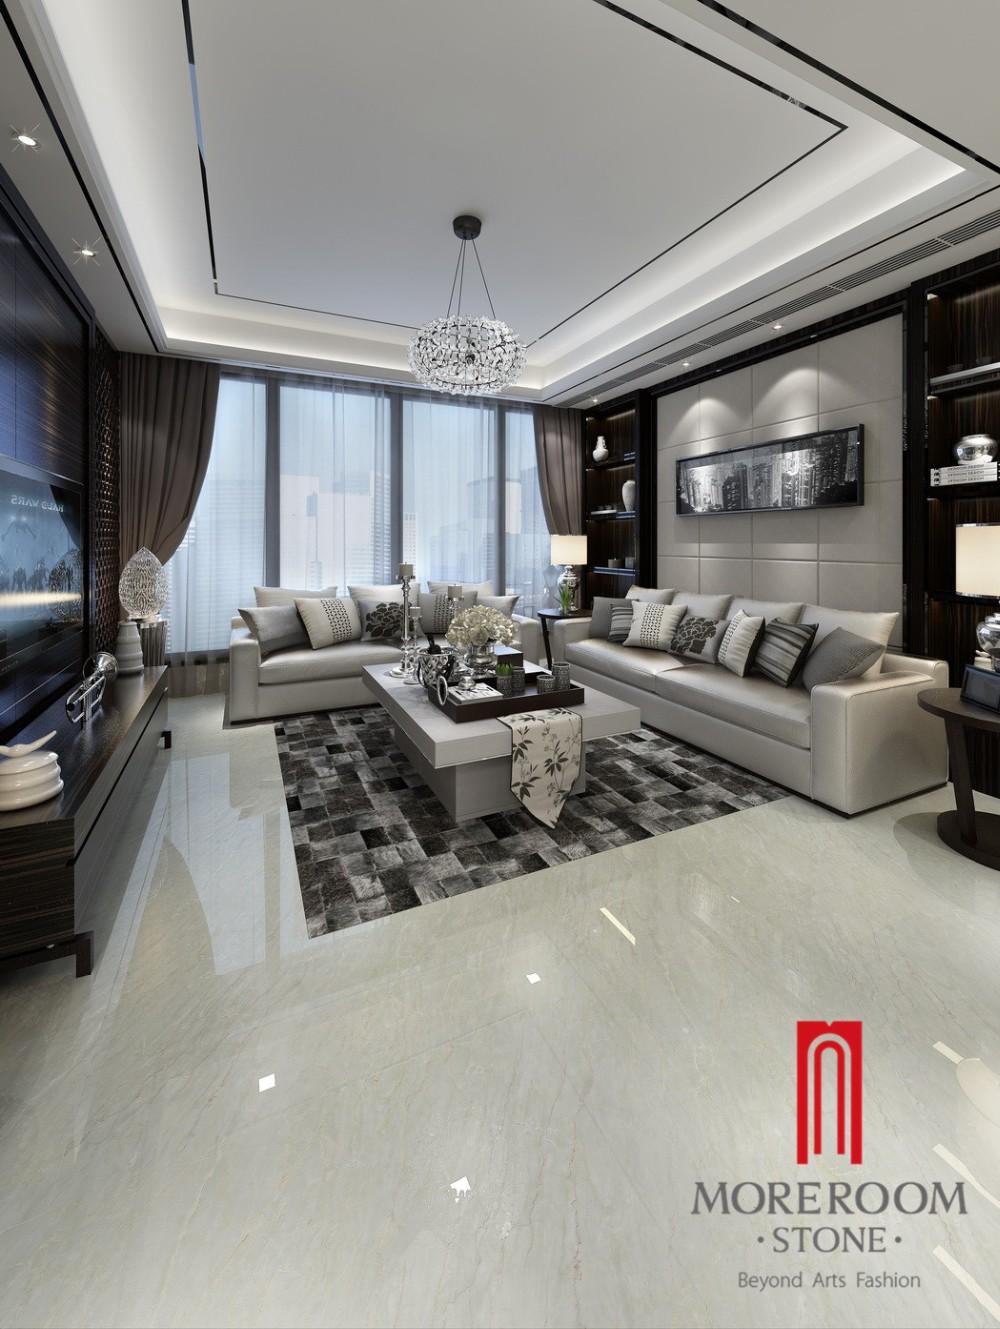 Tile Floor Designs For Living Rooms: Foshan White Ceramic Tile, Cream Ceramic Wall Tile For